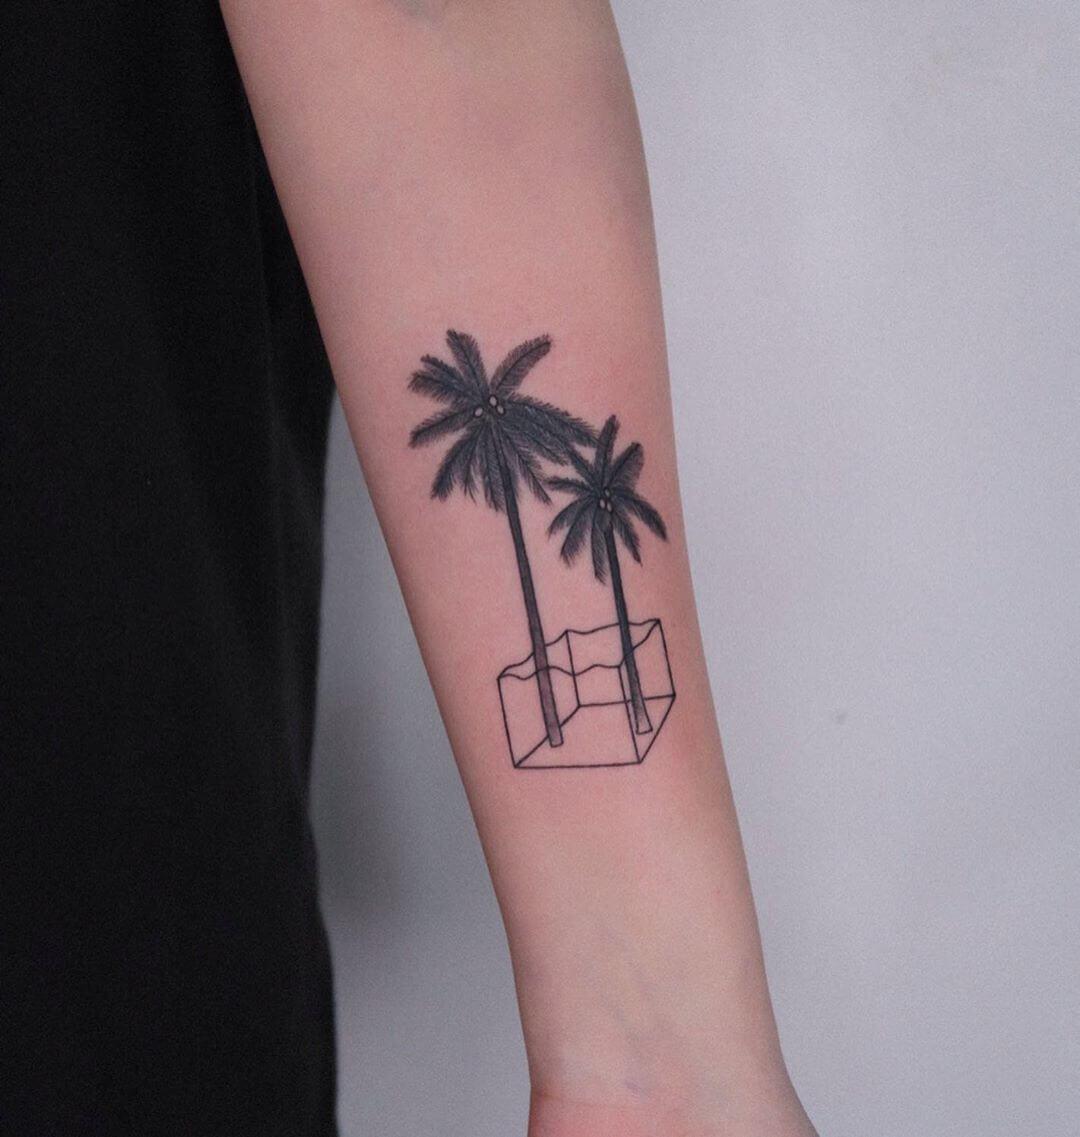 Palm trees in geometric form, tattoo by Minigreemer